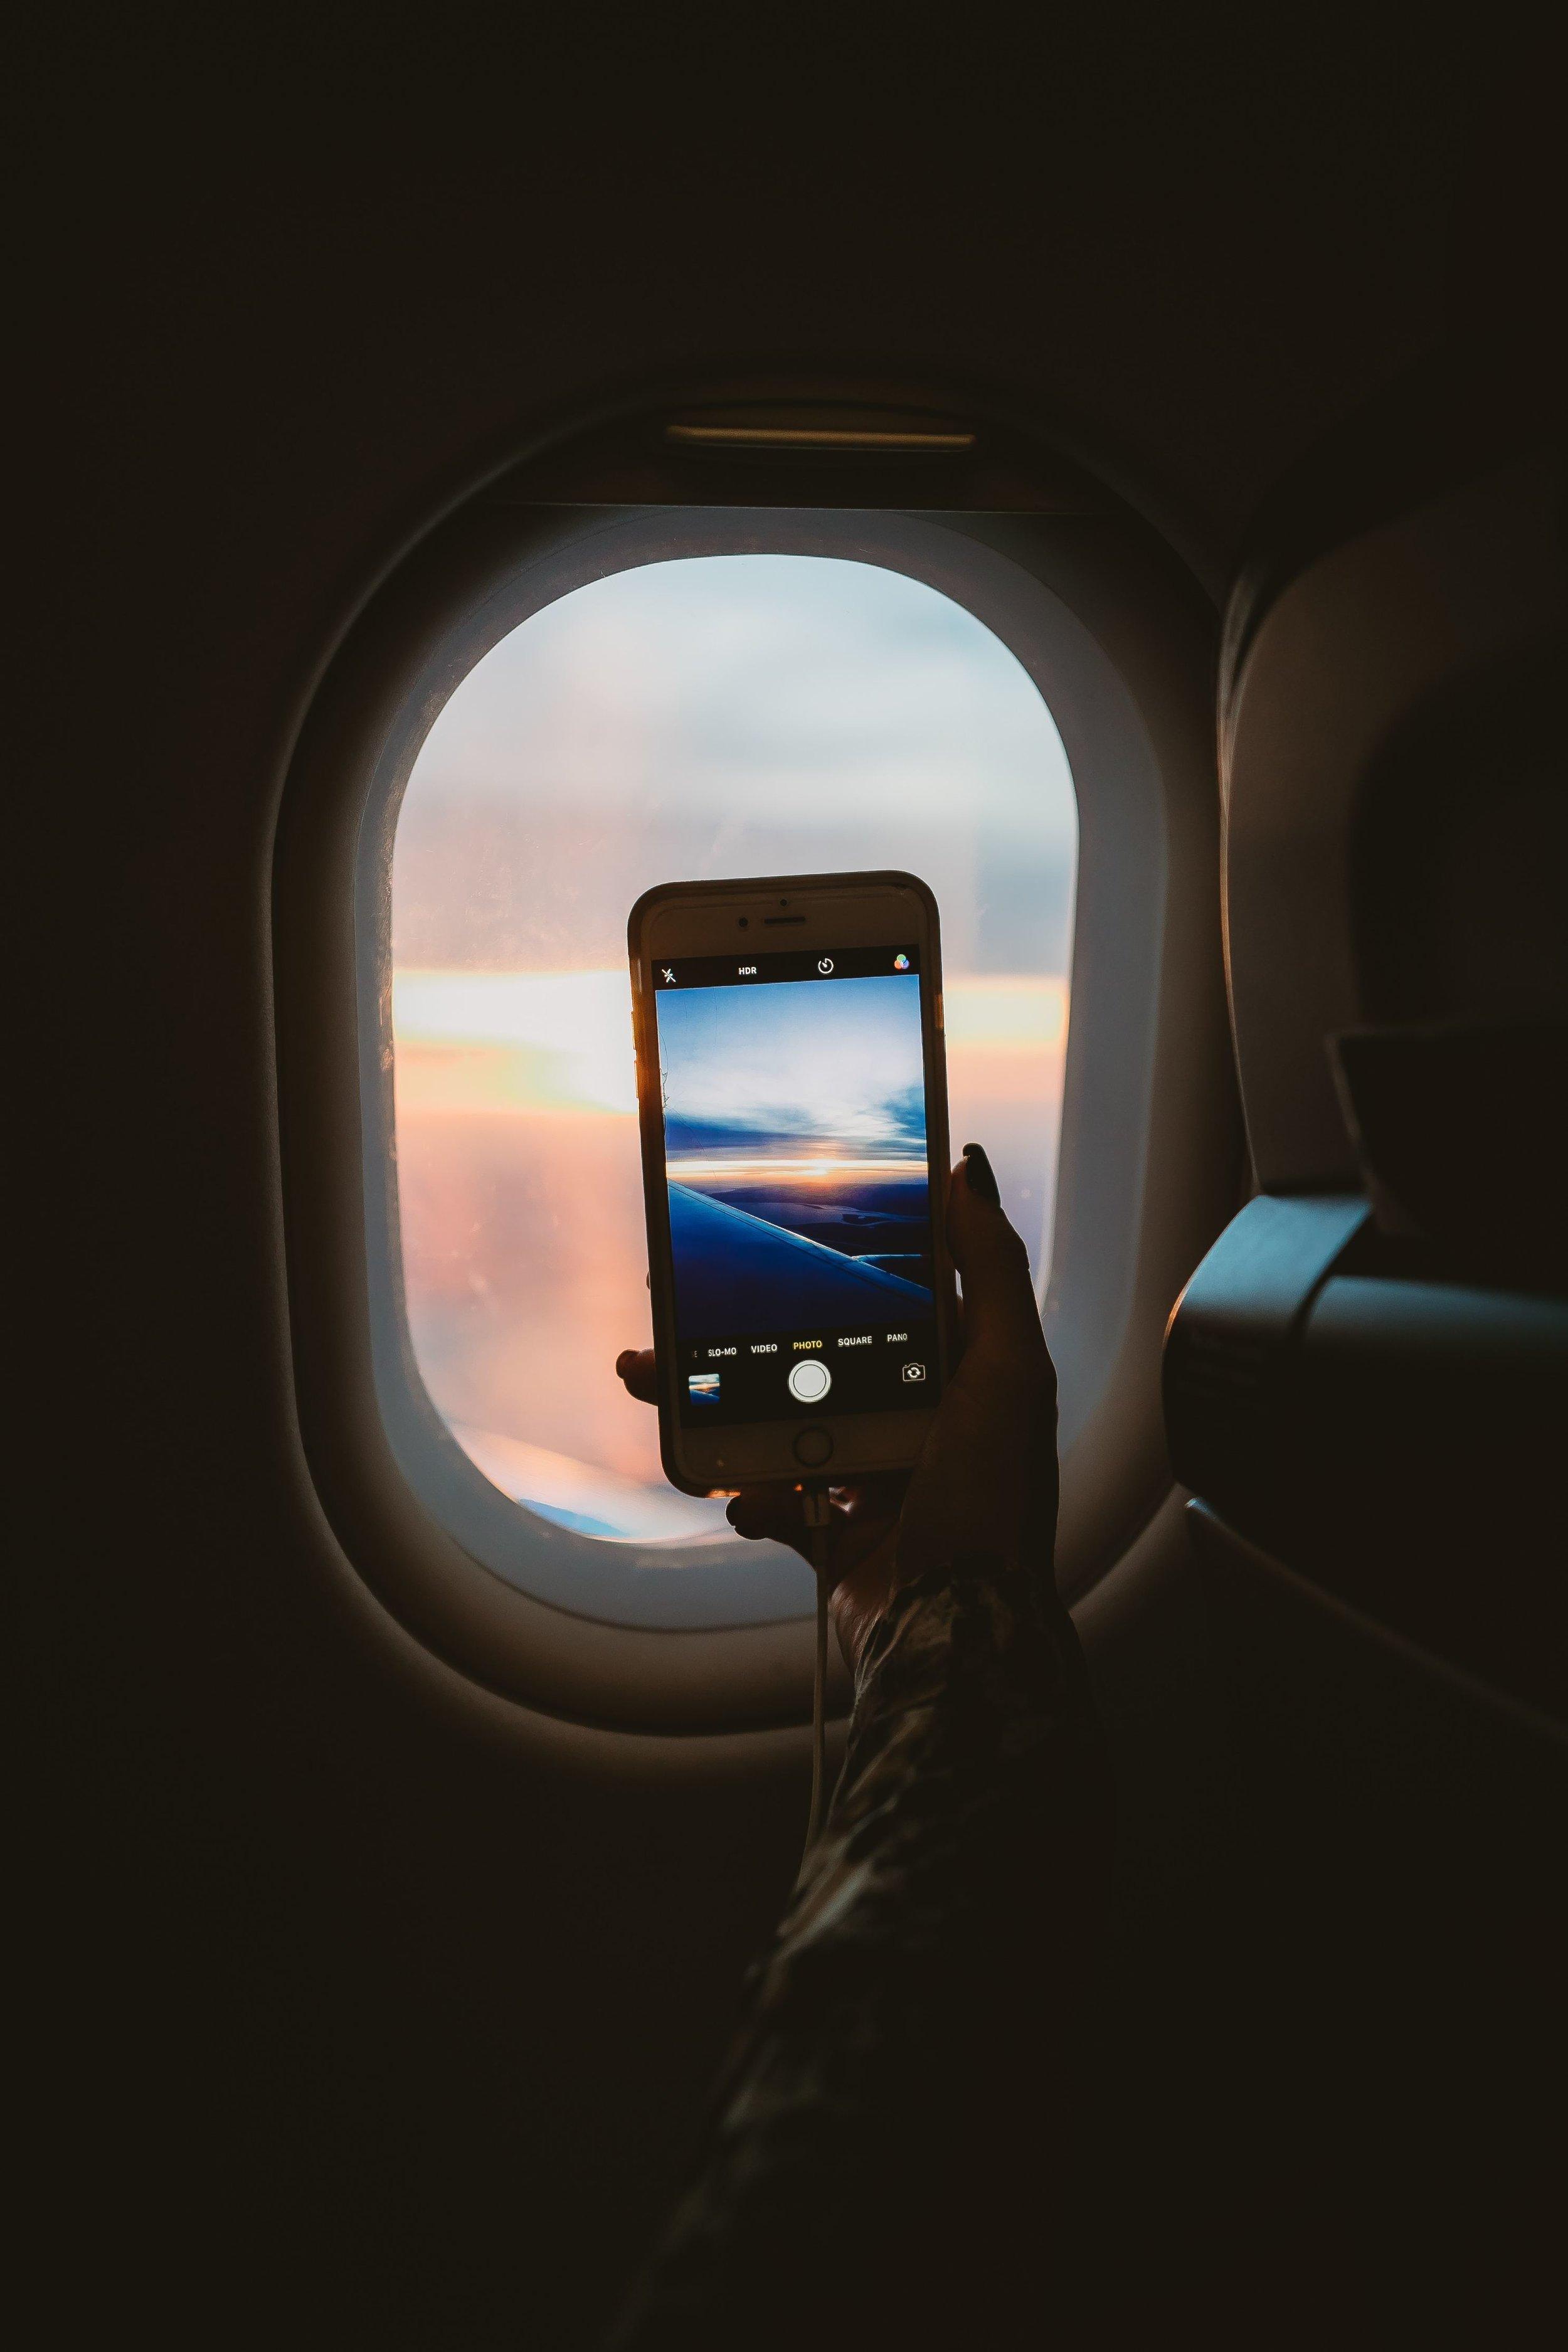 COMPRE SUA PASSAGEM NA KLM